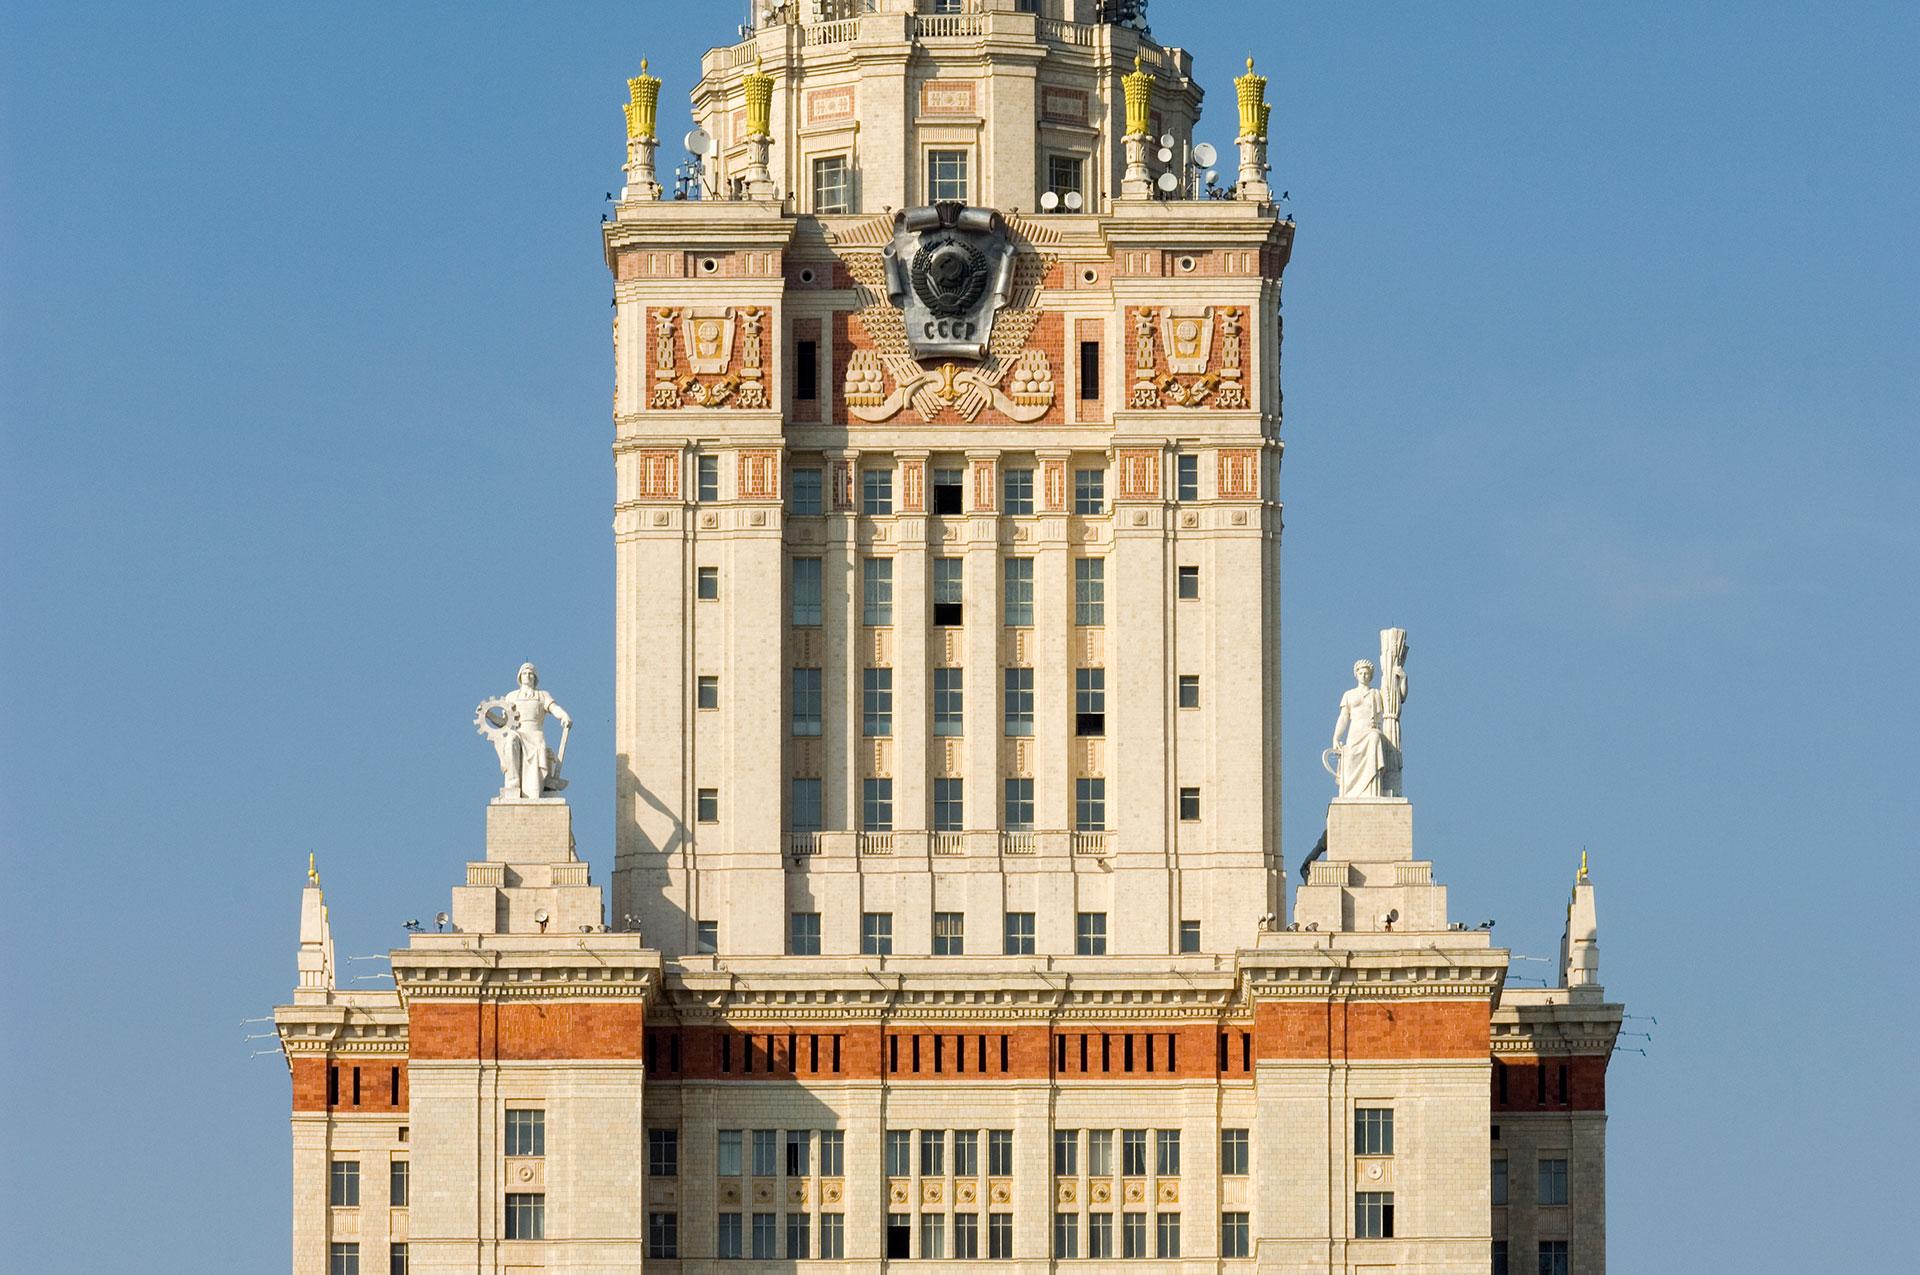 Vor den Toren der Stadt Moskau auf den Sperlingsbergen befindet sich die Zuckerbäckerarchitektur der Lomonossow-Universität